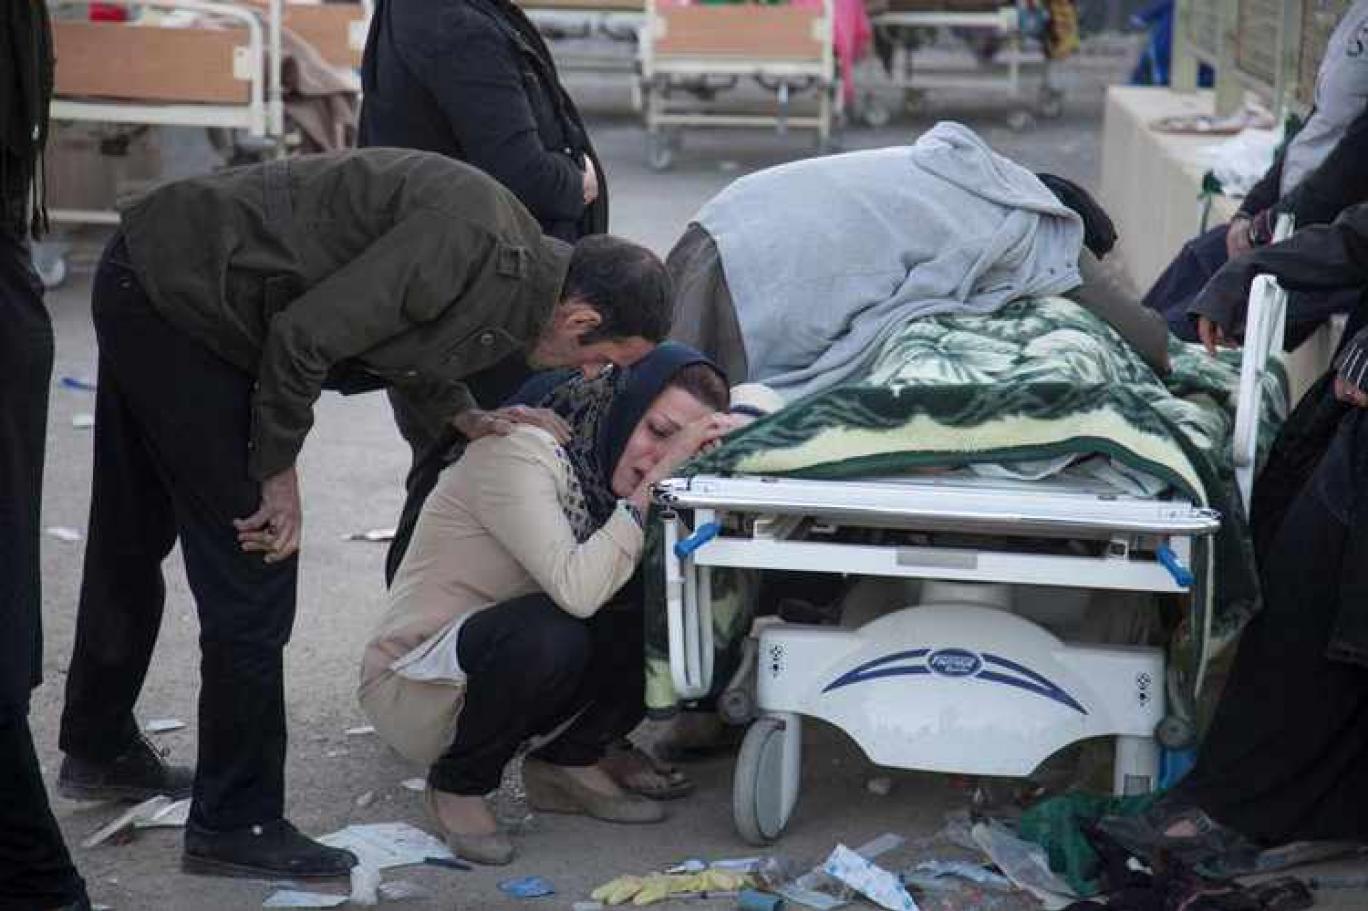 İran'da her 13 dakikada bir İranlı hayatını kaybediyor